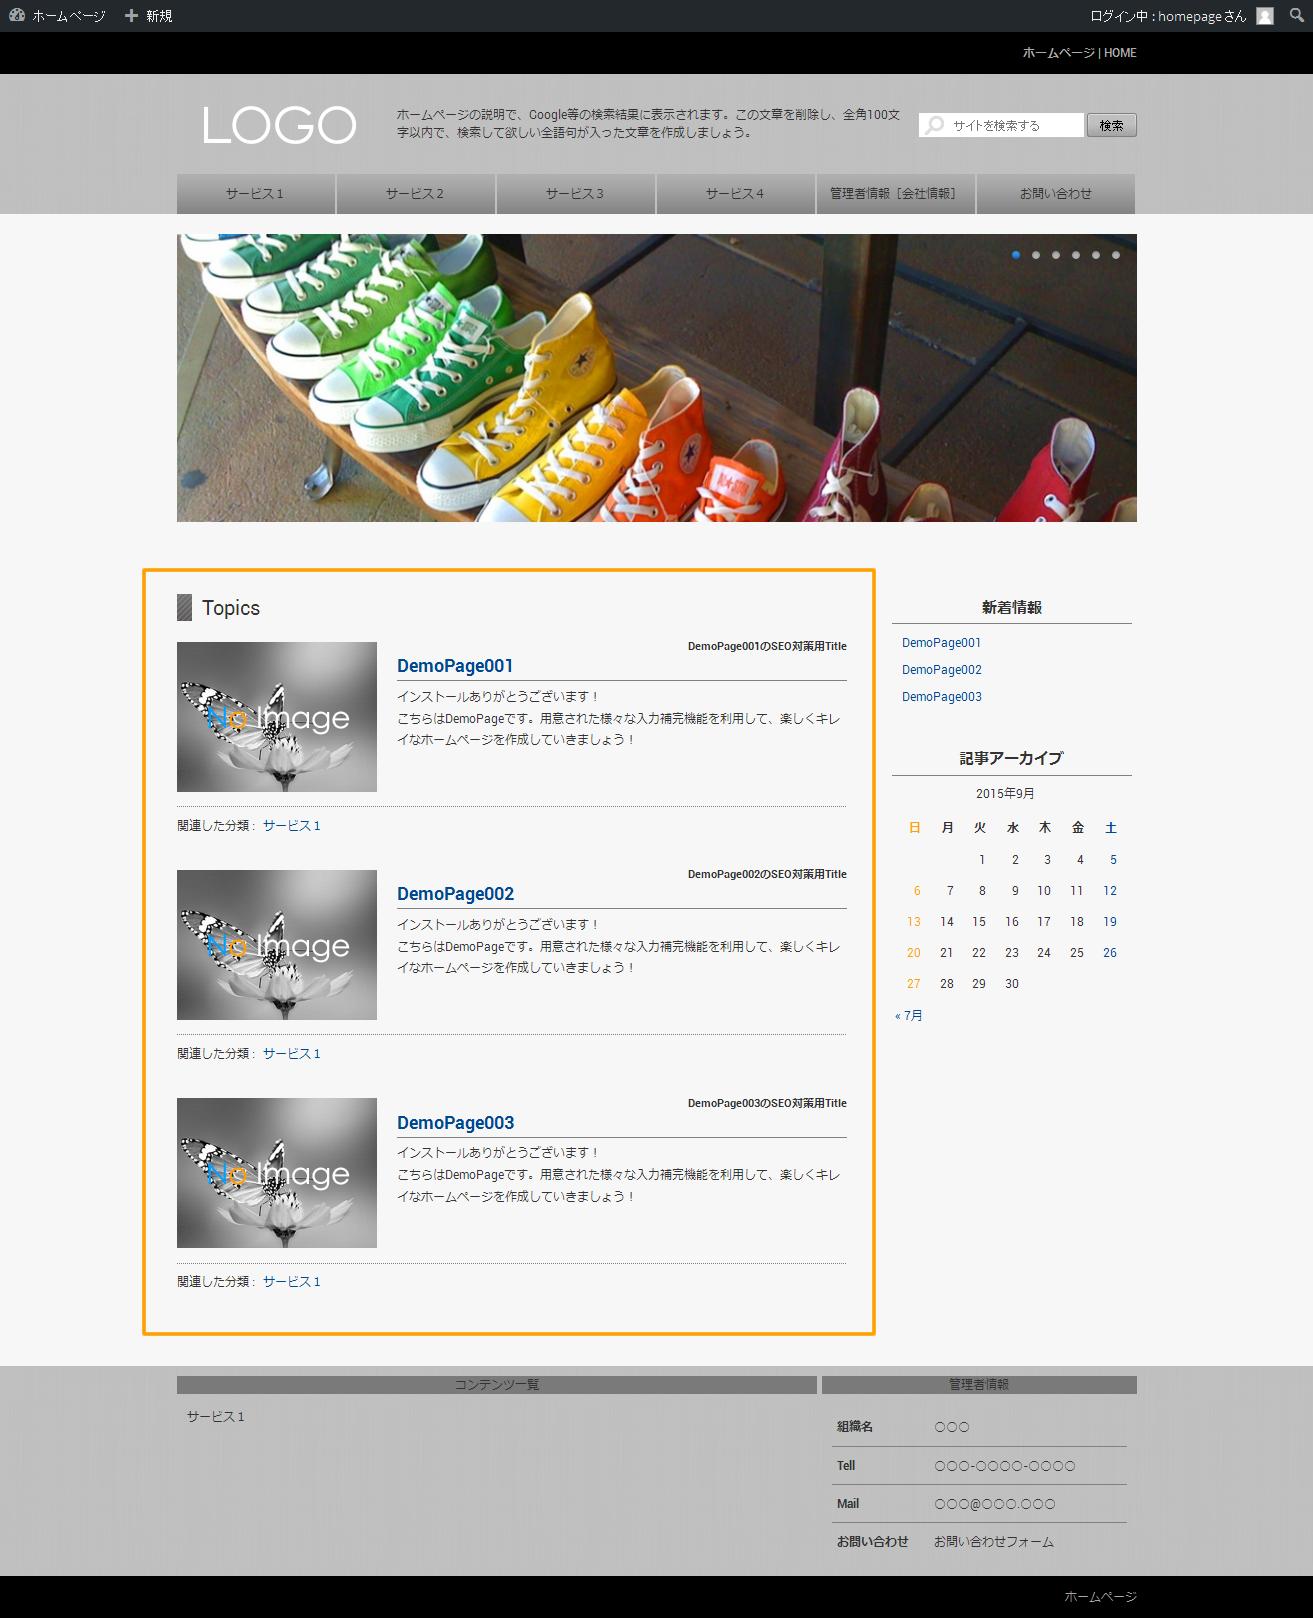 ホームページ コンテンツ | 初期費用無料ホームページ作成サイト - FunMaker